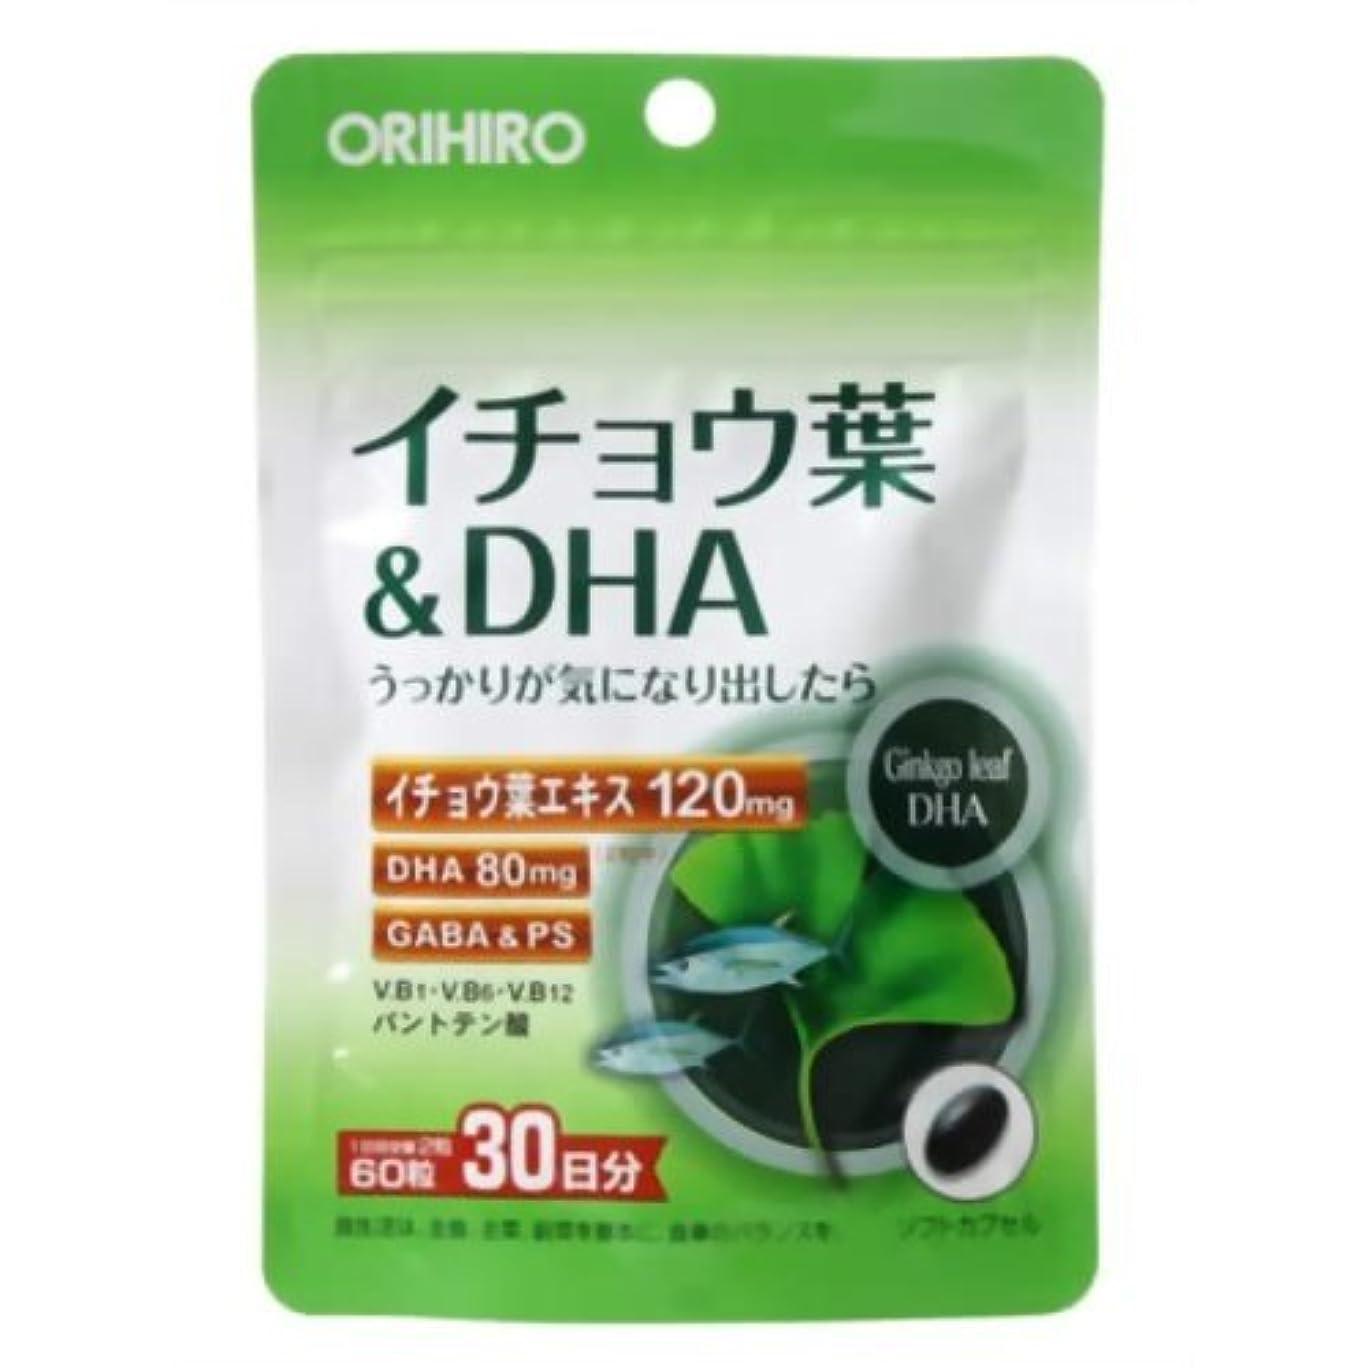 失態弱いカレンダーオリヒロ イチョウ葉&DHA 60粒